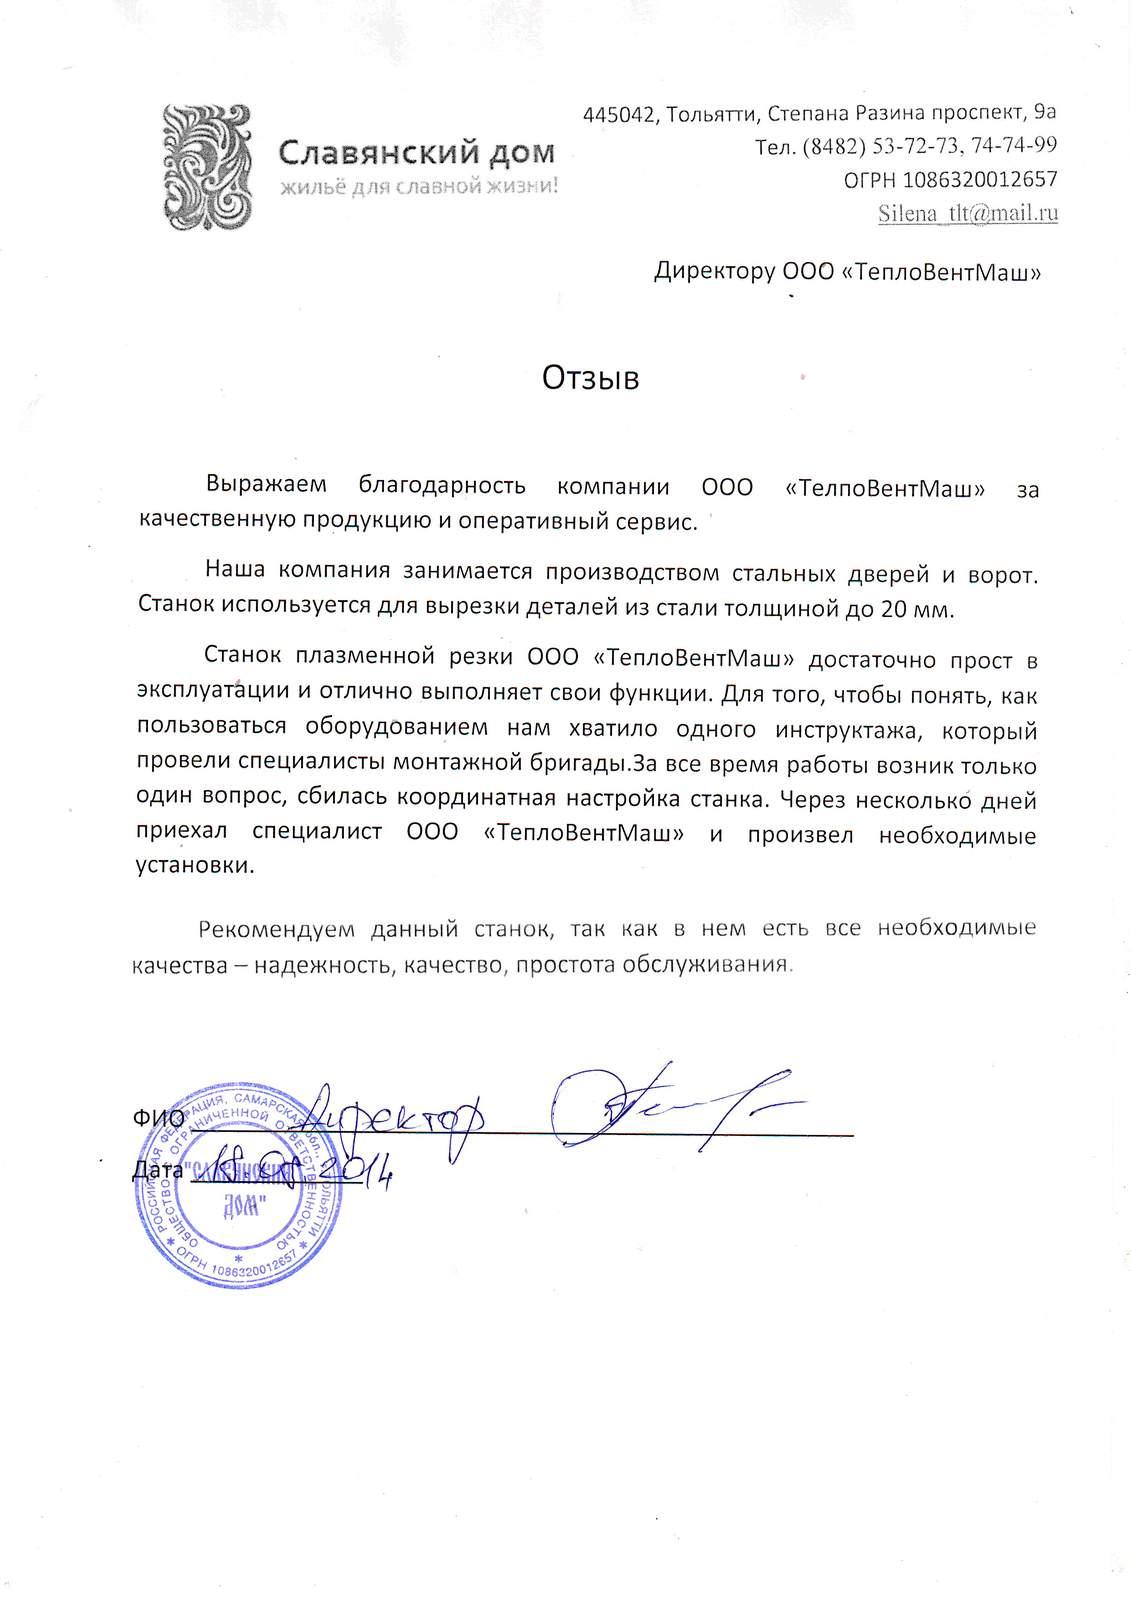 ООО «Славянский дом»